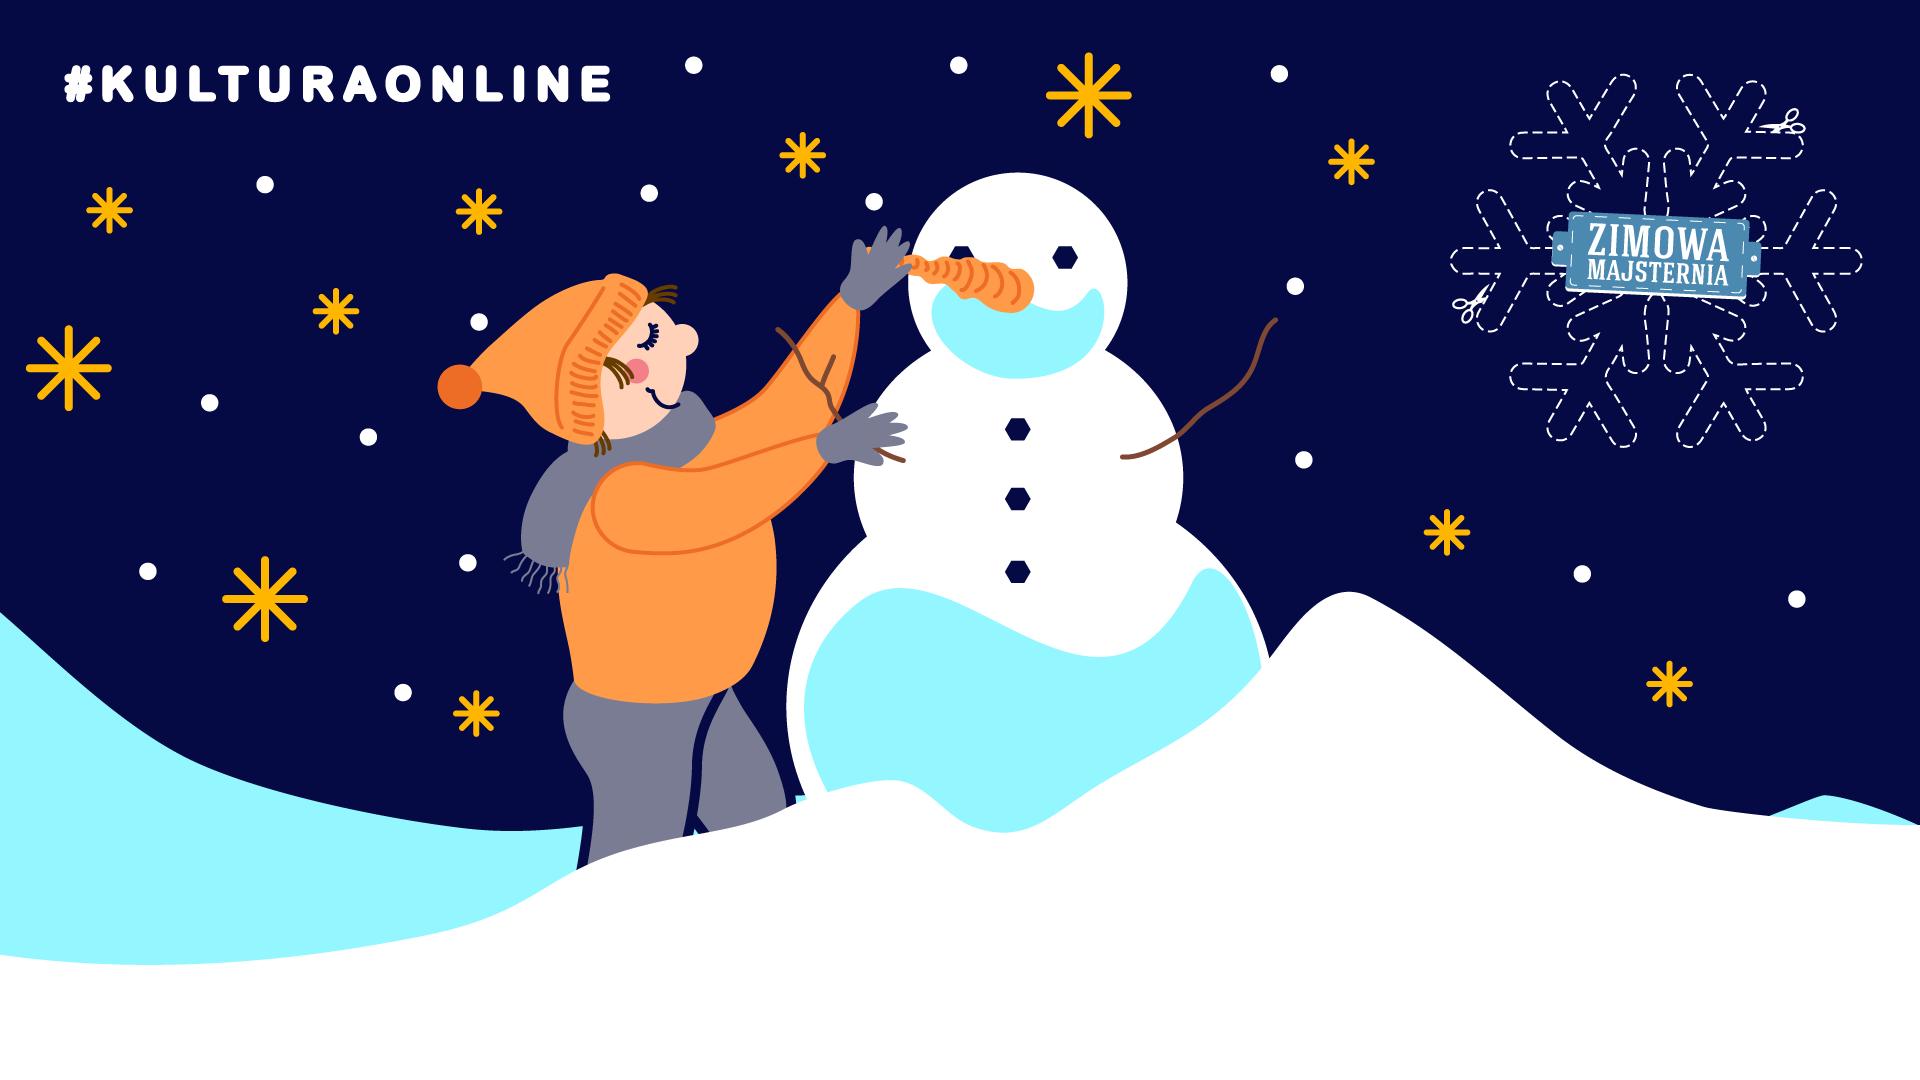 uśmiechnięte dziecko w pomarańczowej kurtce i czapce dodaje bałwanowi nos z marchewki. Rozgwieżdżone niebo, wokół pełno śniegu. W lewym górnym rogu hasztag kultura online. W prawym górnym rogu płatek śniegu z napisem Zimowa Majsternia.